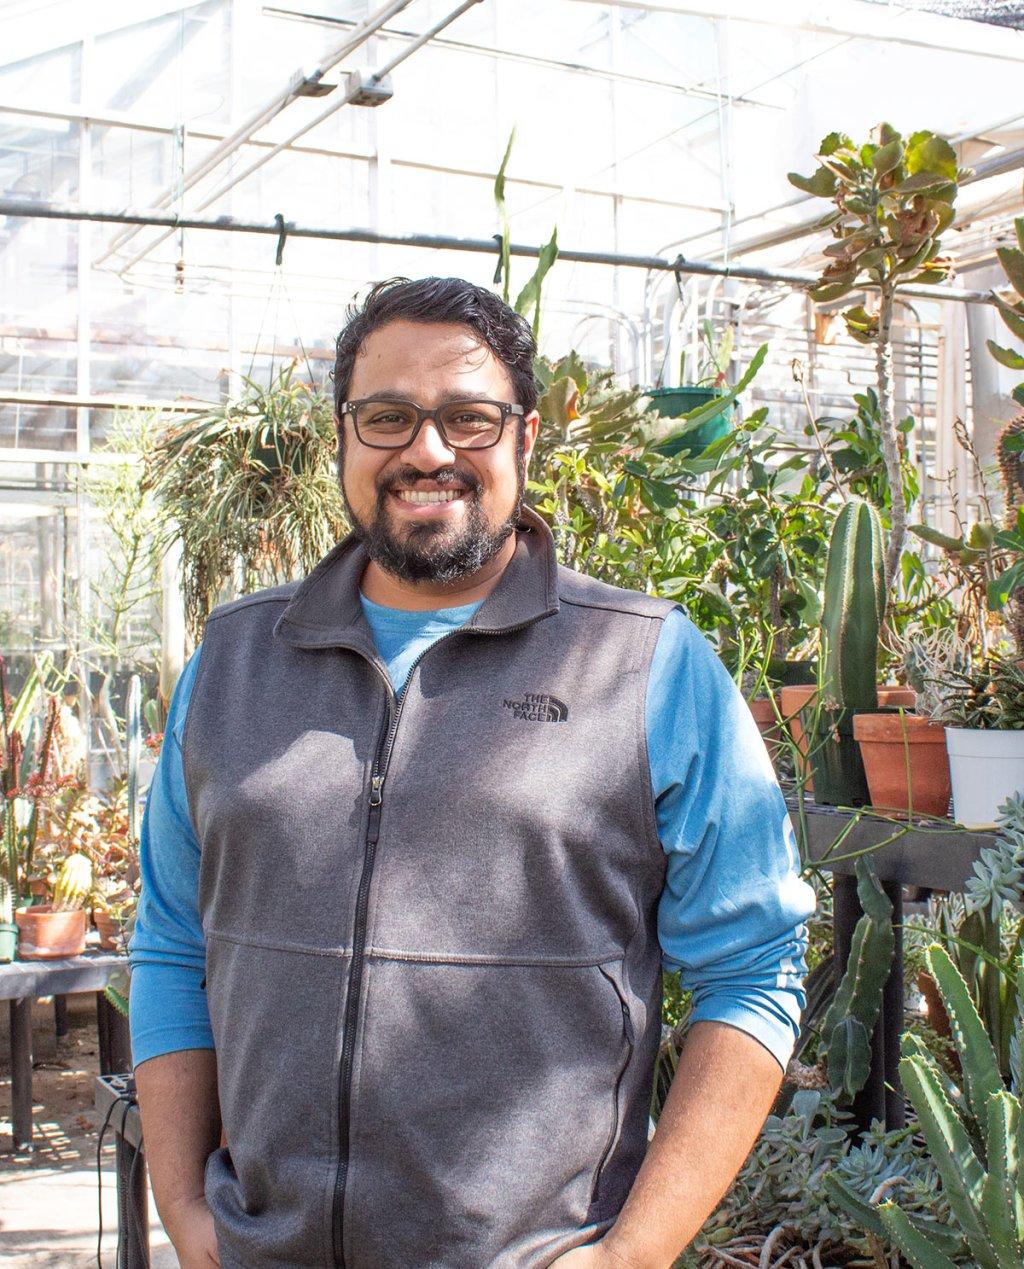 Photo of Vikram Baliga standing in the greenhouse.